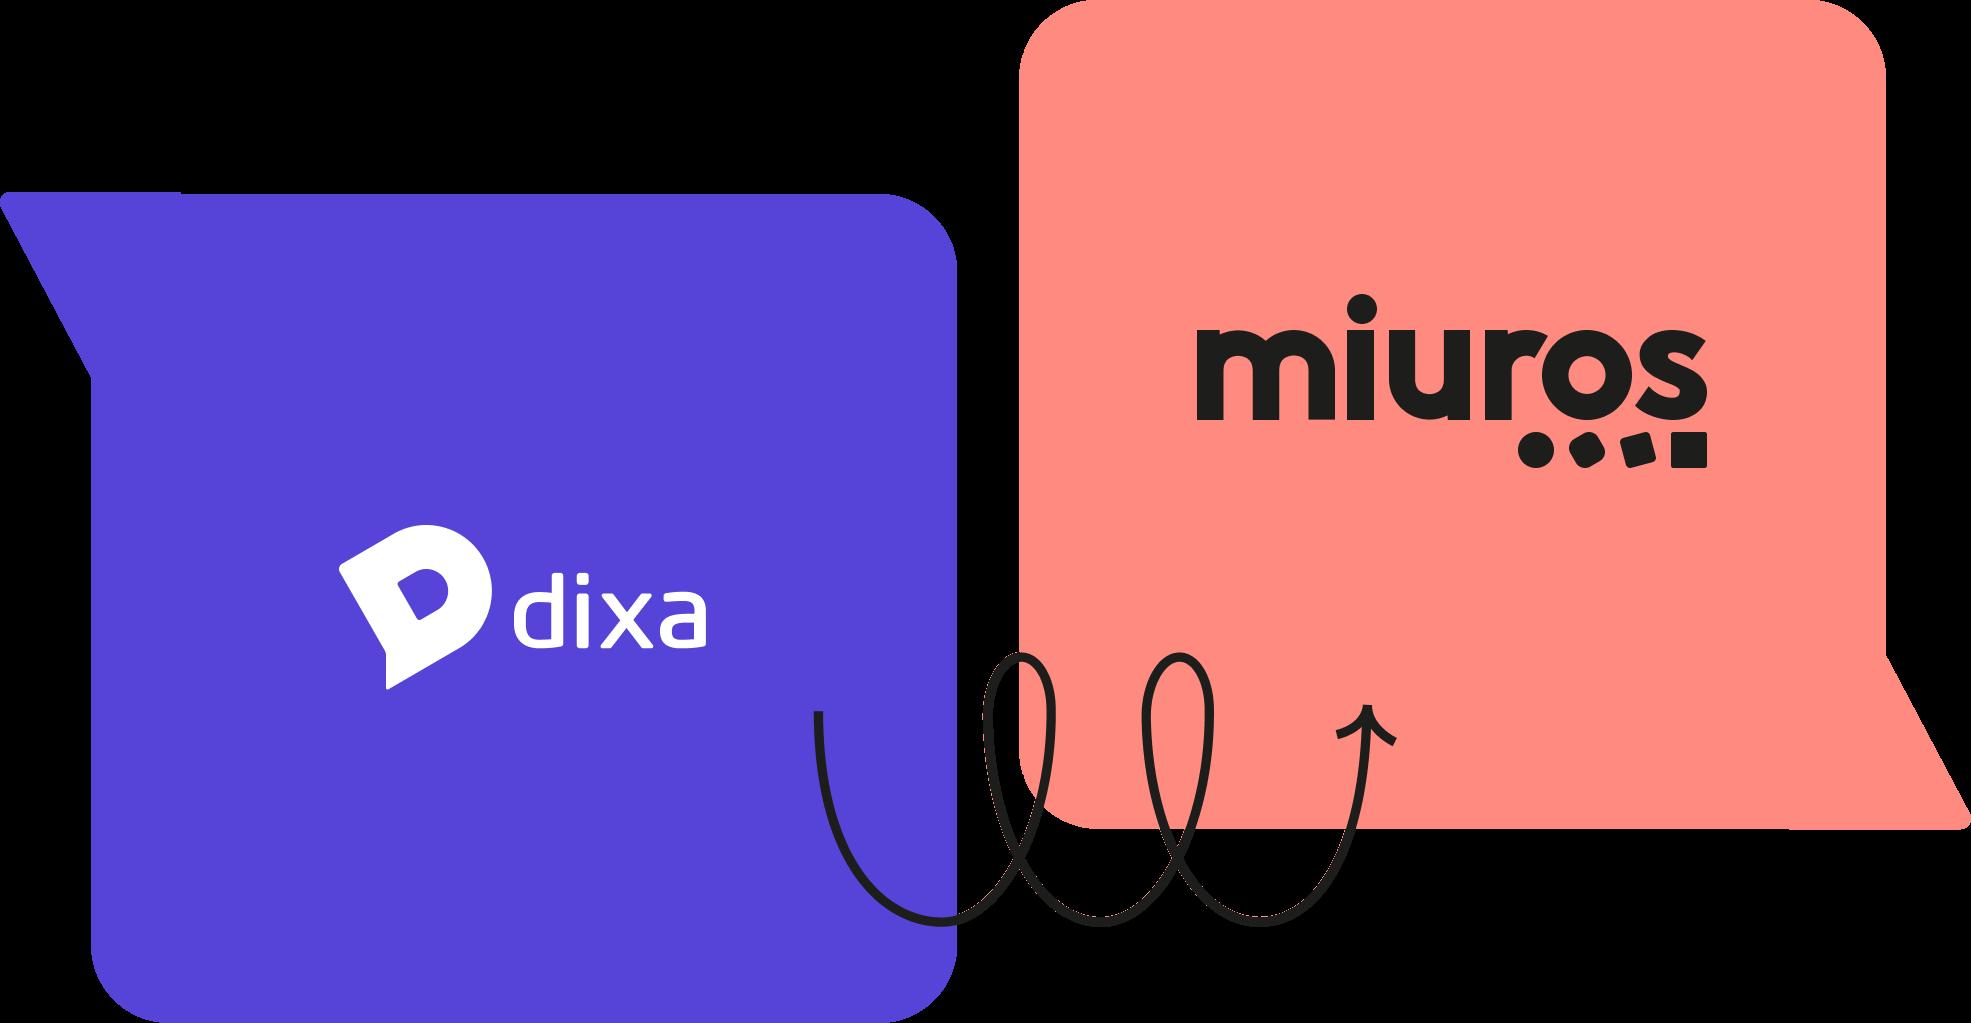 Miuros & Dixa